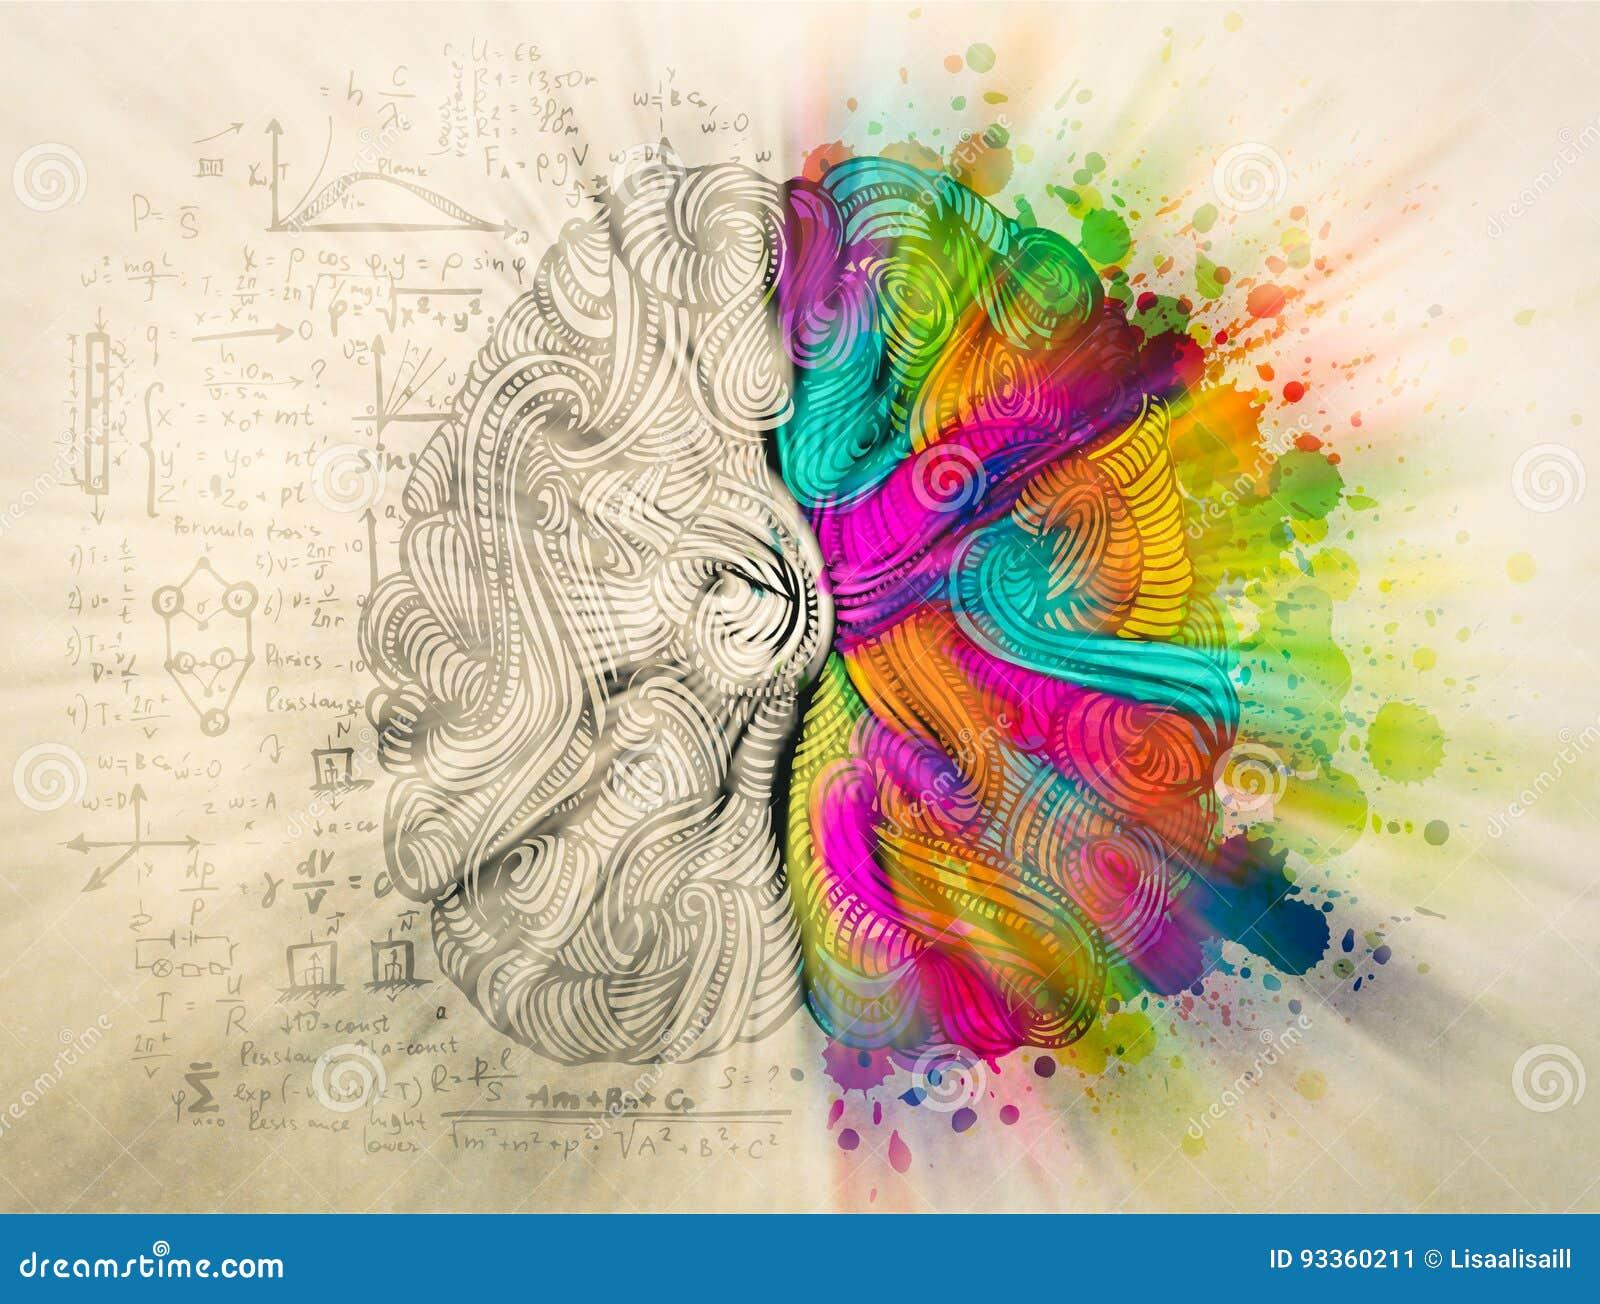 515420e0a385 Έννοια εγκεφάλου doodle για τη δημιουργική δεξιά πλευρά και τη λογική αριστερή  πλευρά